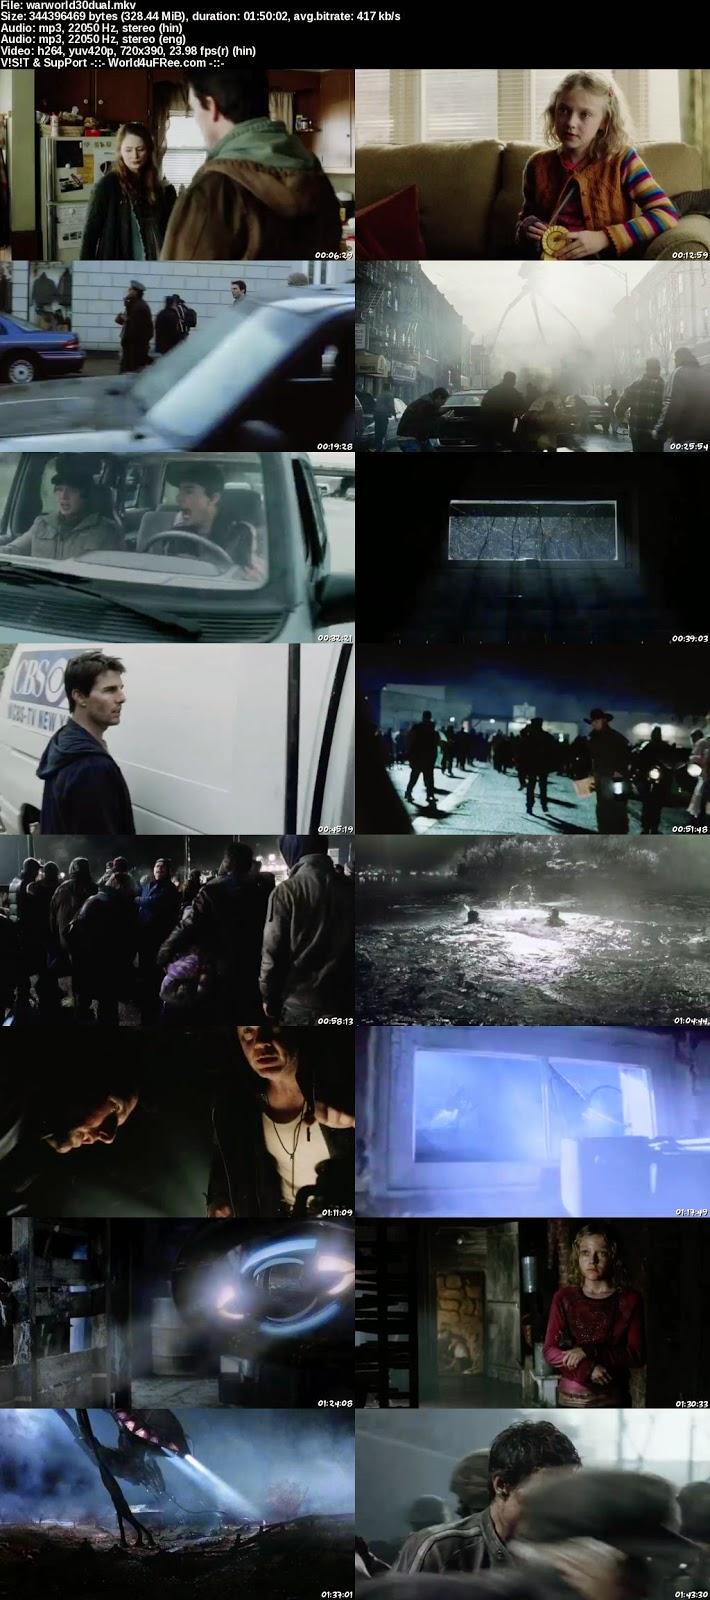 2005 war movie